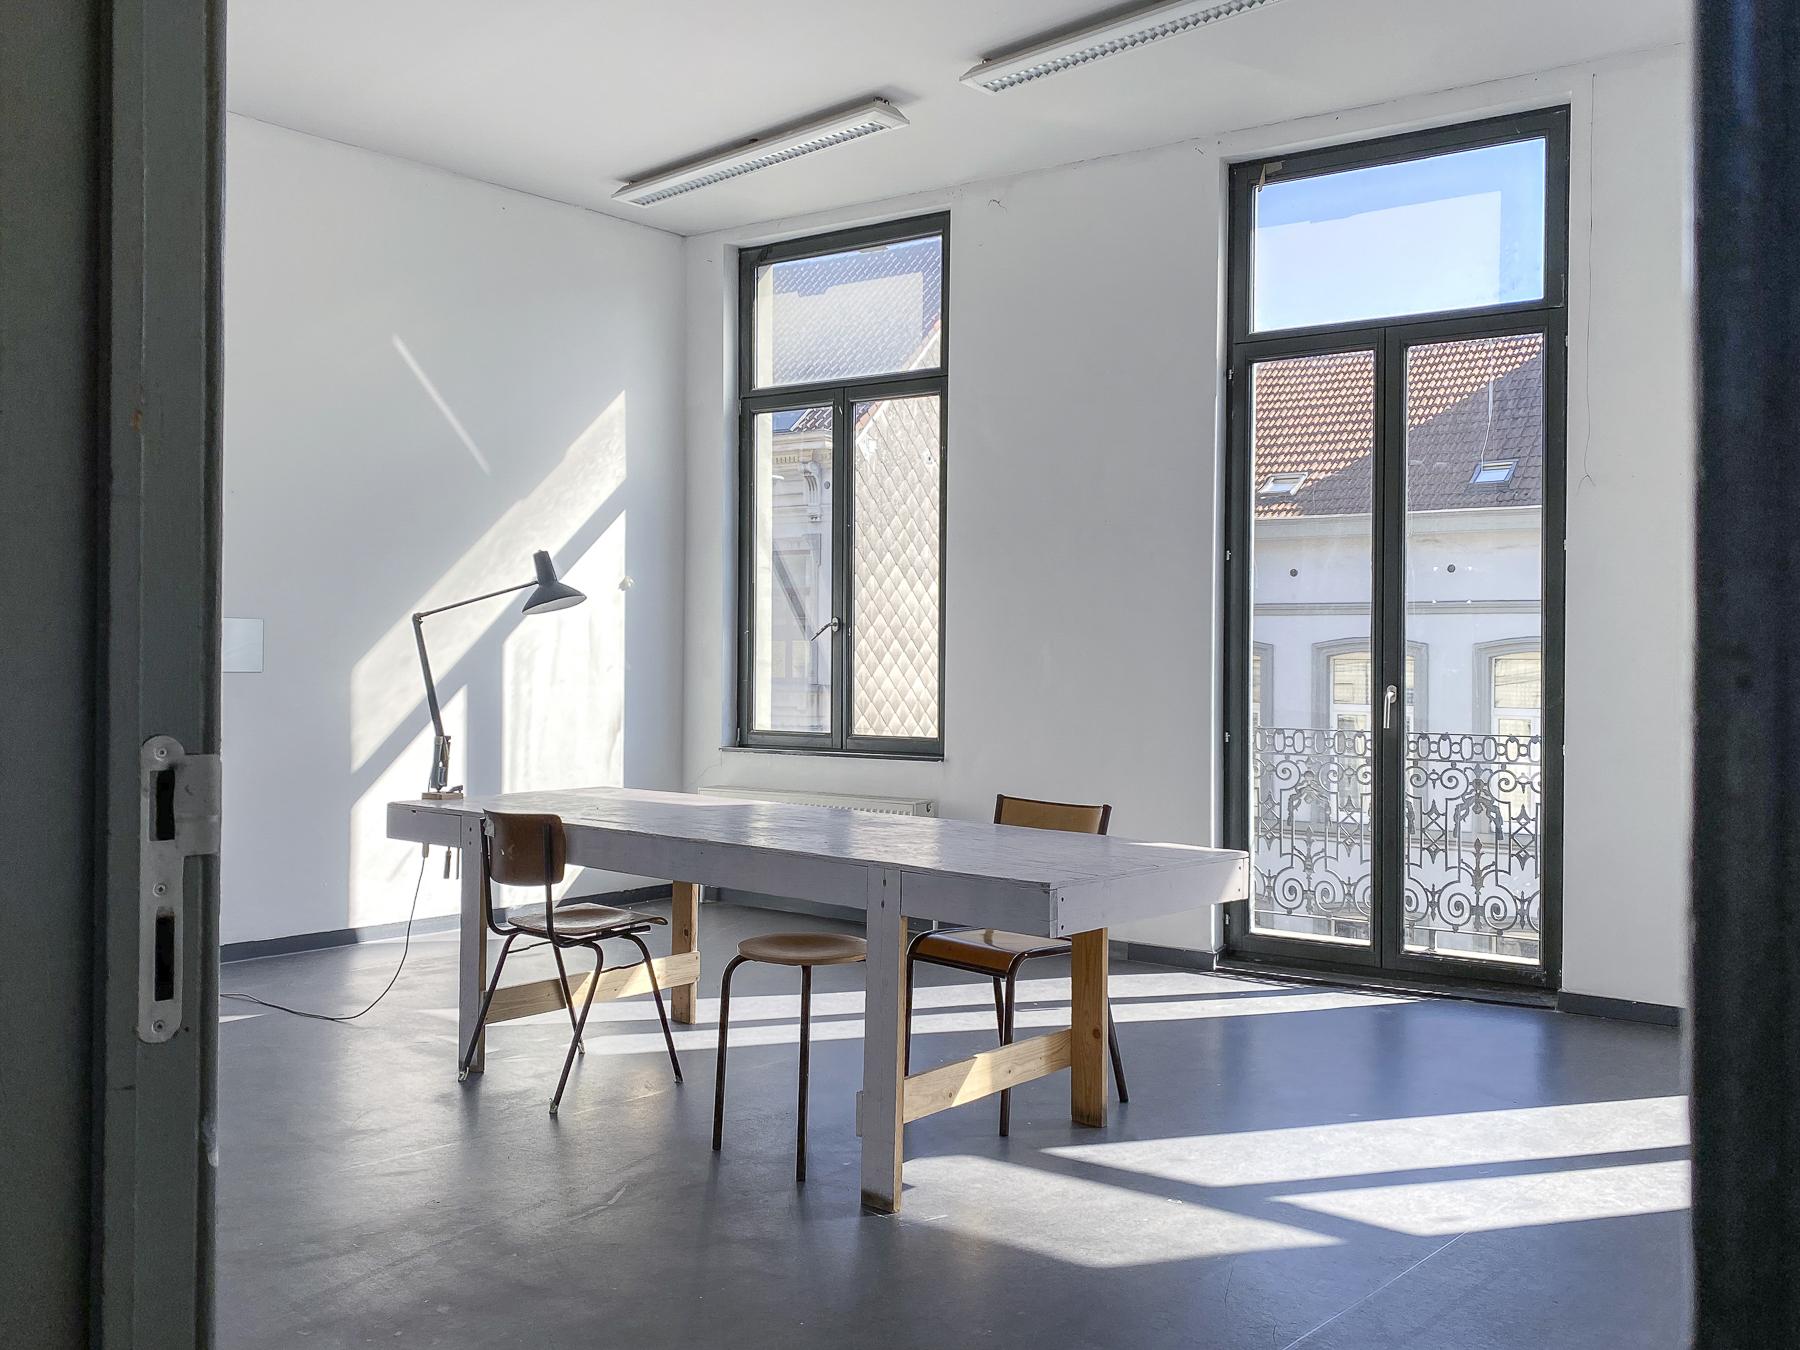 Gallait 80 atelier tweede verdieping straatkant (c) Miles Fischler